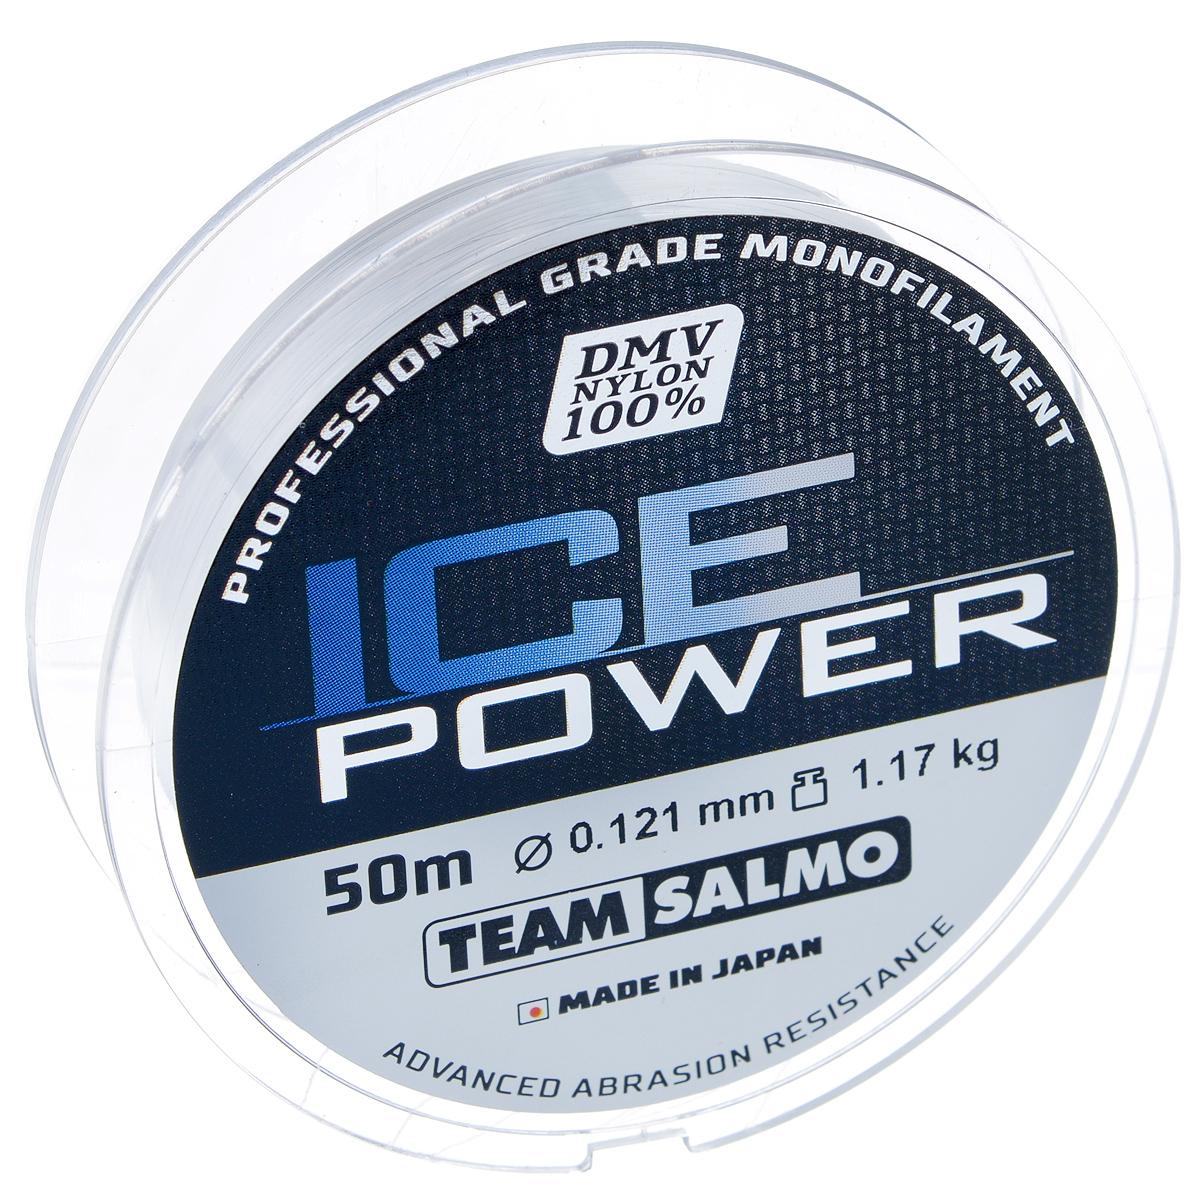 Леска монофильная Team Salmo Ice Power, сечение 0,121 мм, длина 50 м леска монофильная team salmo ice power сечение 0 28 мм длина 50 м